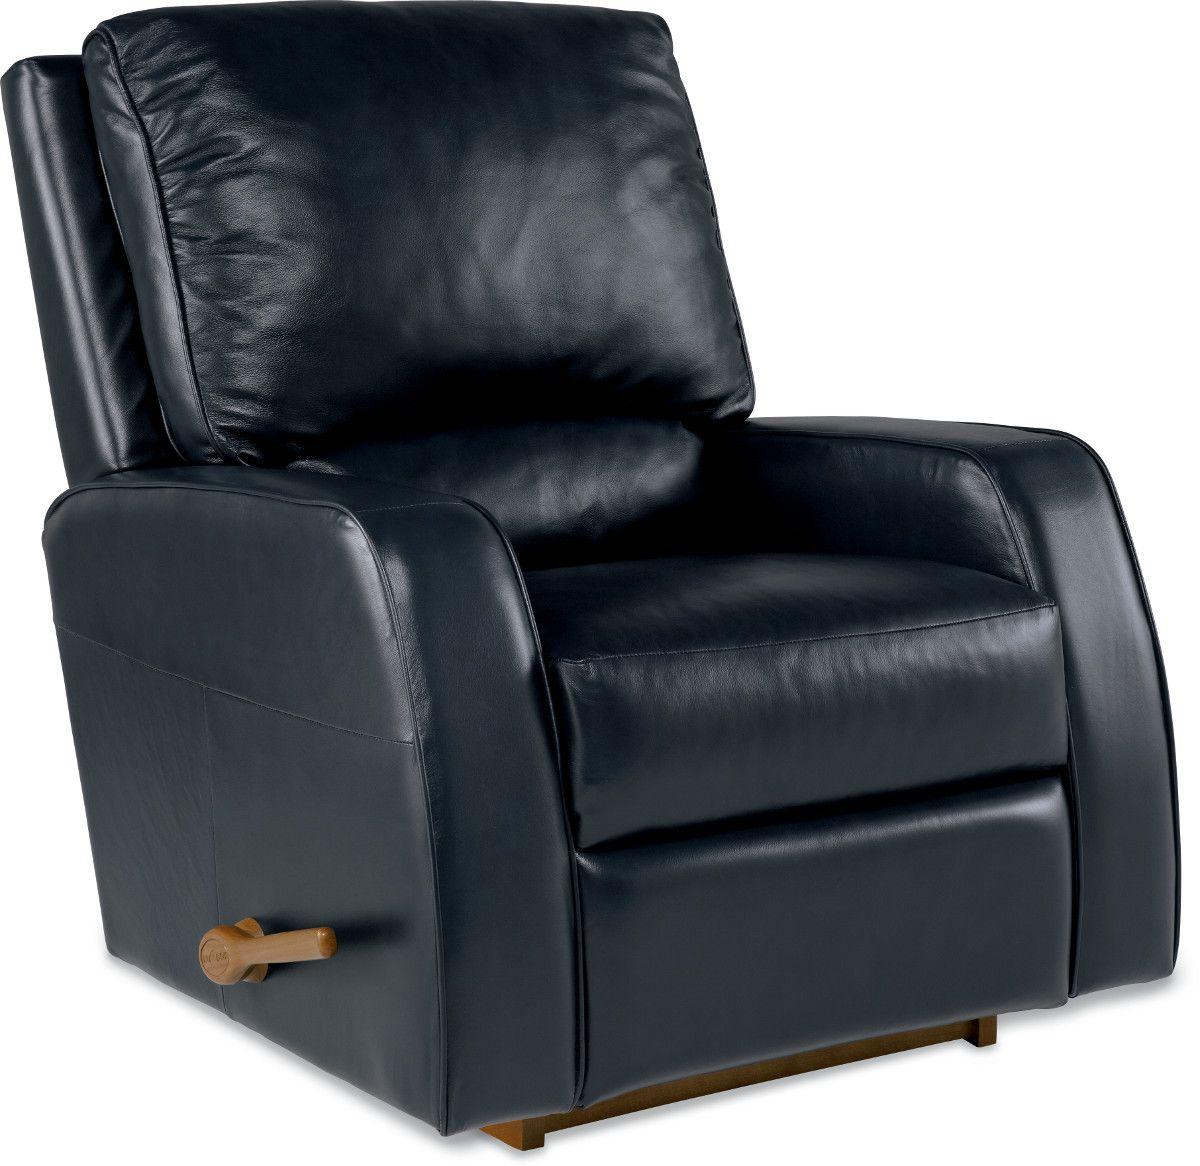 Official La Z Boy Website Black Leather Sofas Leather Sofa Leather Sofa Sale